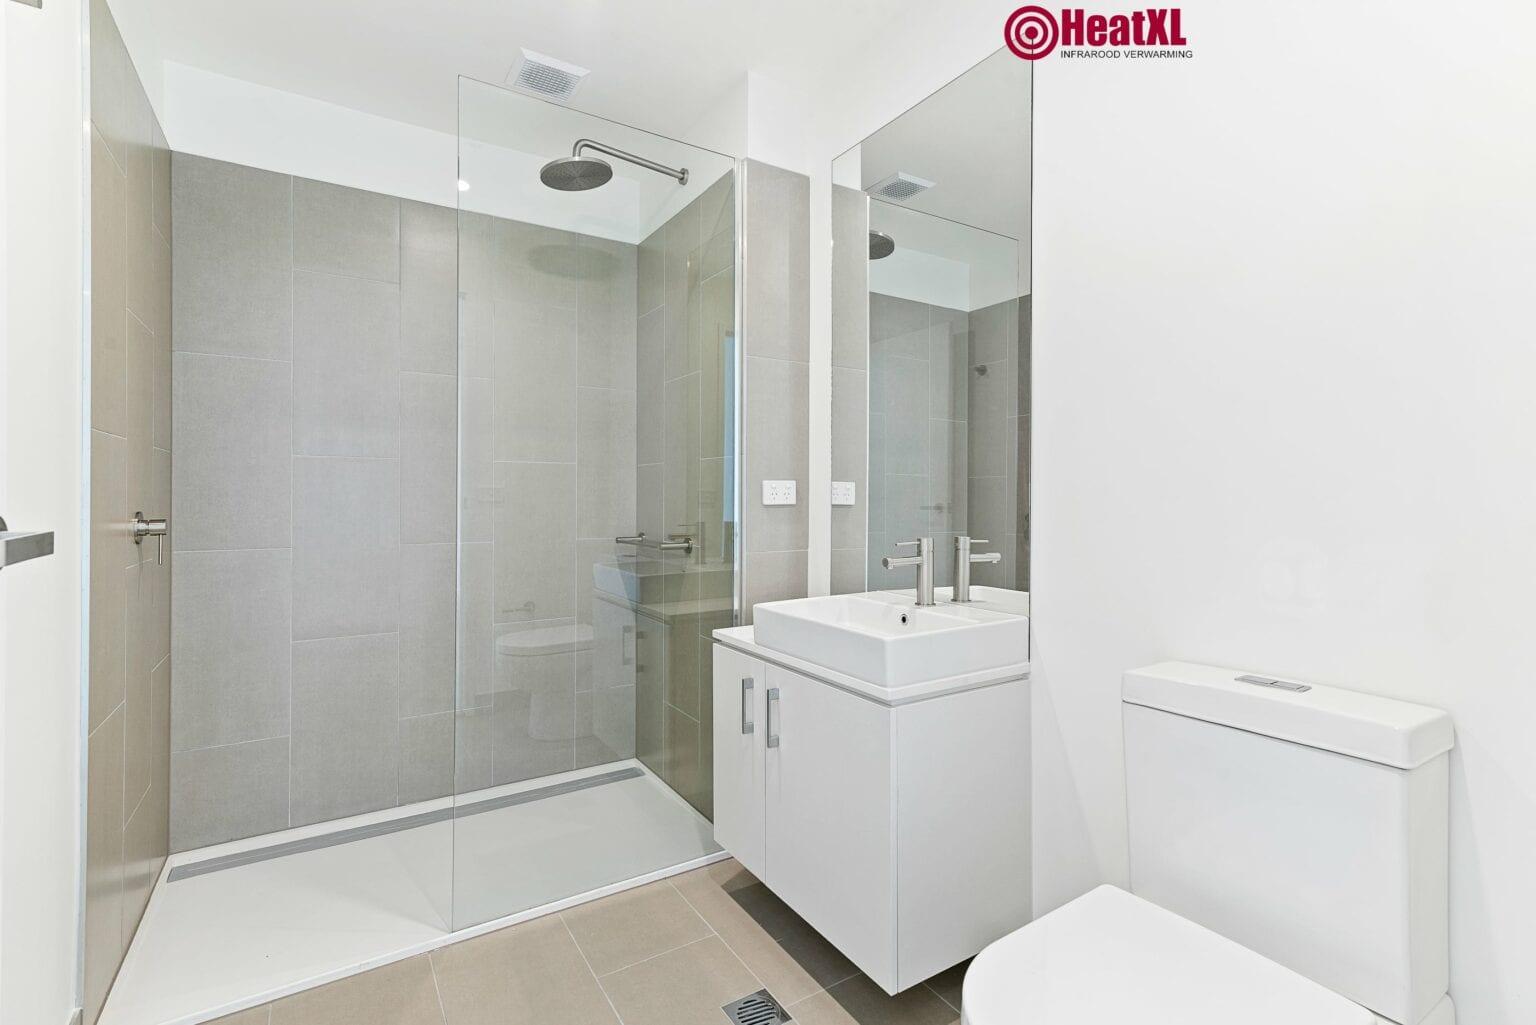 badkamer infrarood panelen beter zijn dan gewone verwarming badkamerspiegel